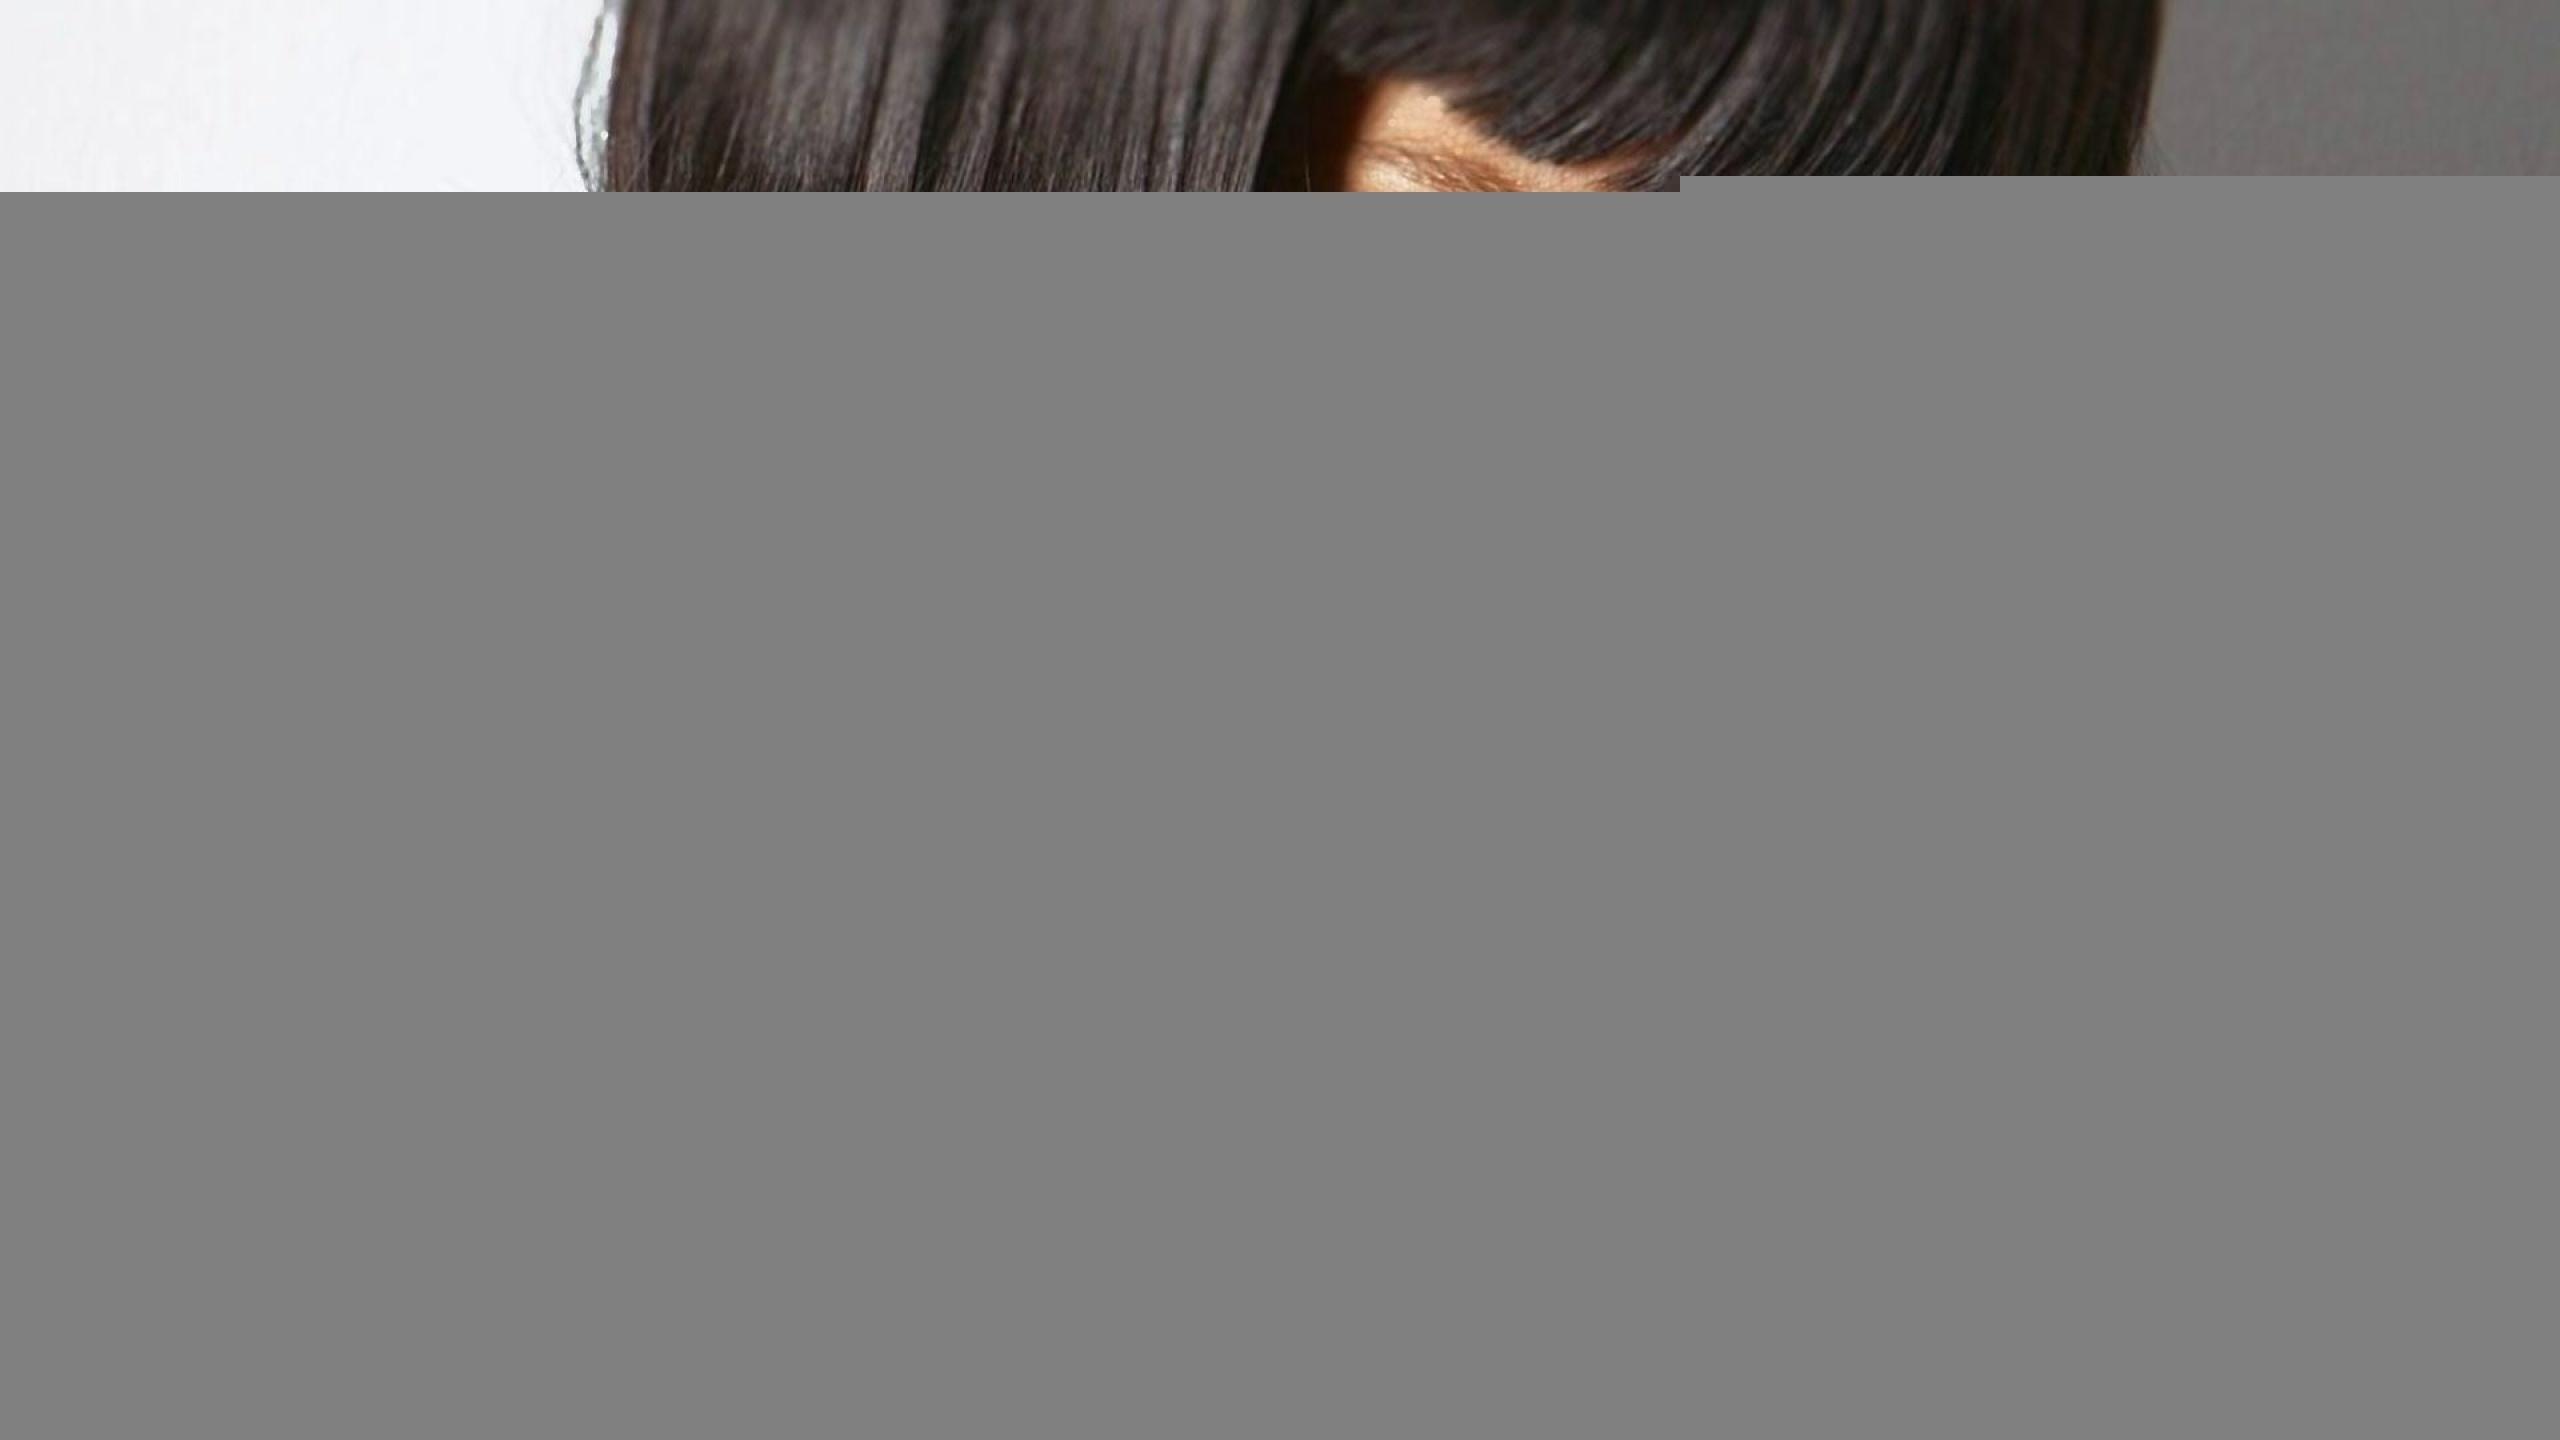 Фото на аву для девушек брюнеток с каре